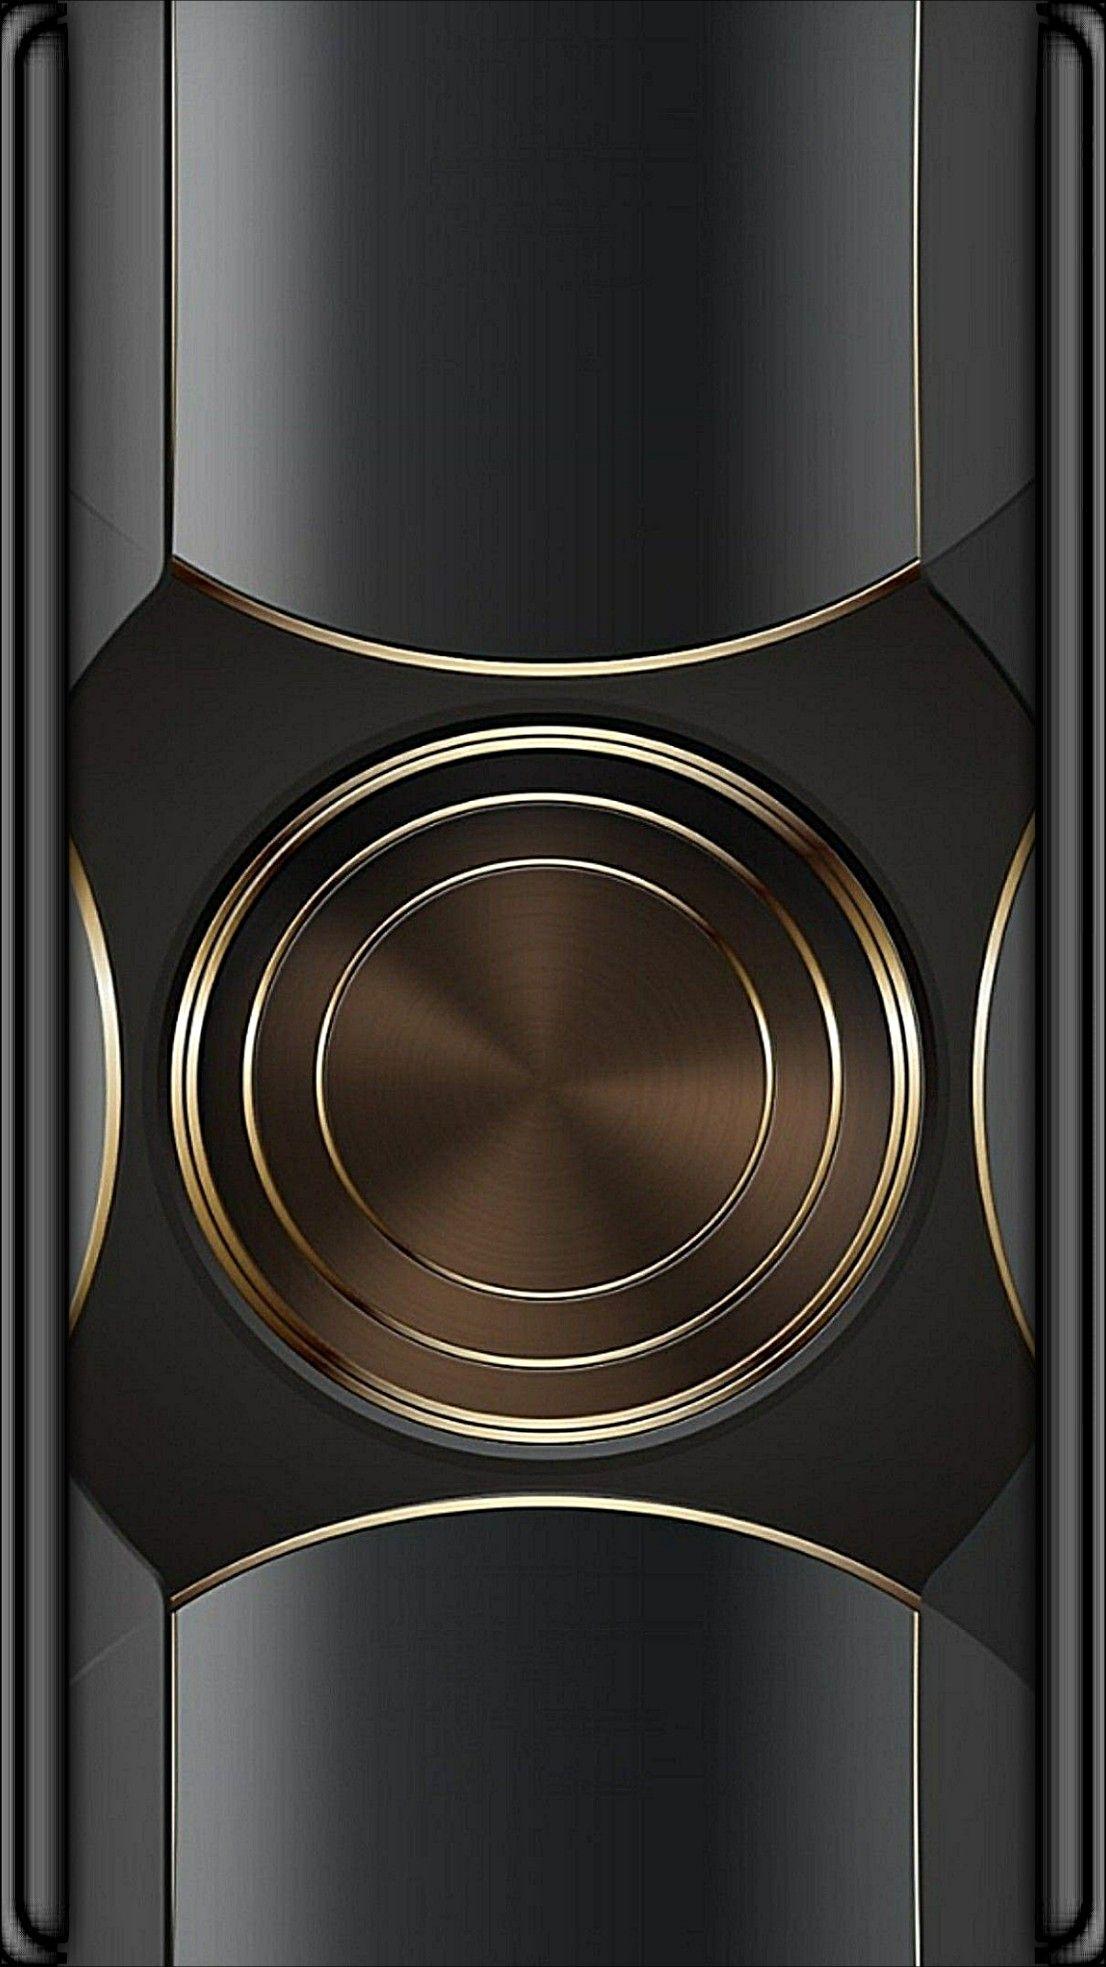 Wallpaper Modern Galexy Phone wallpaper design